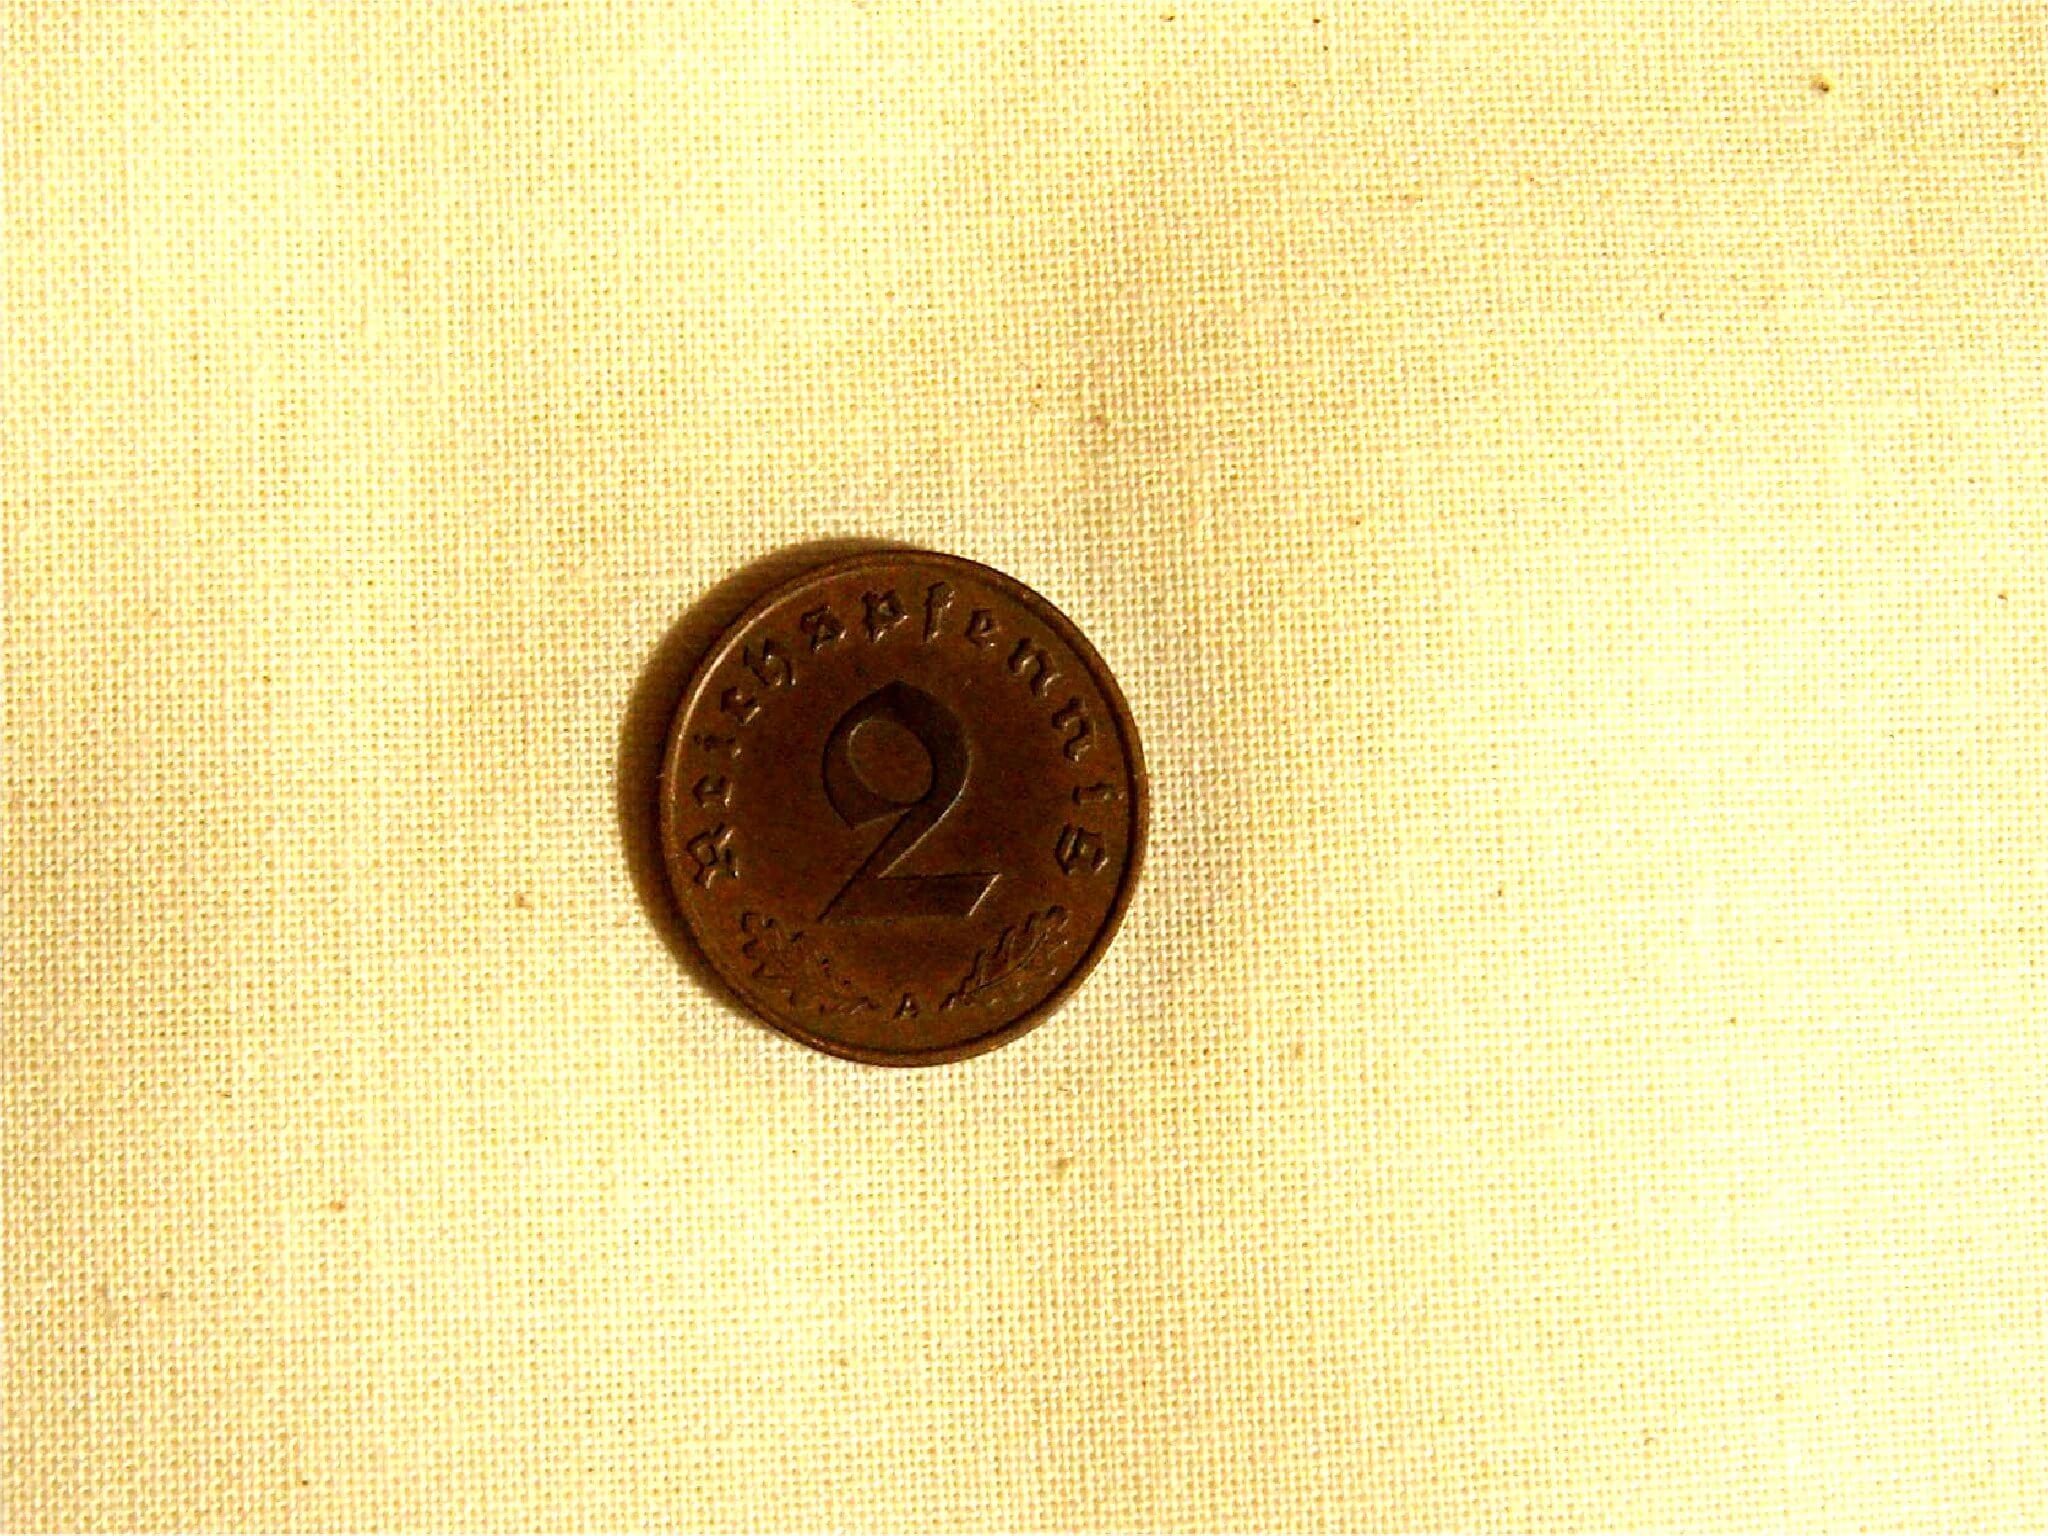 Duitse 2 pfennig 1938 Wo2